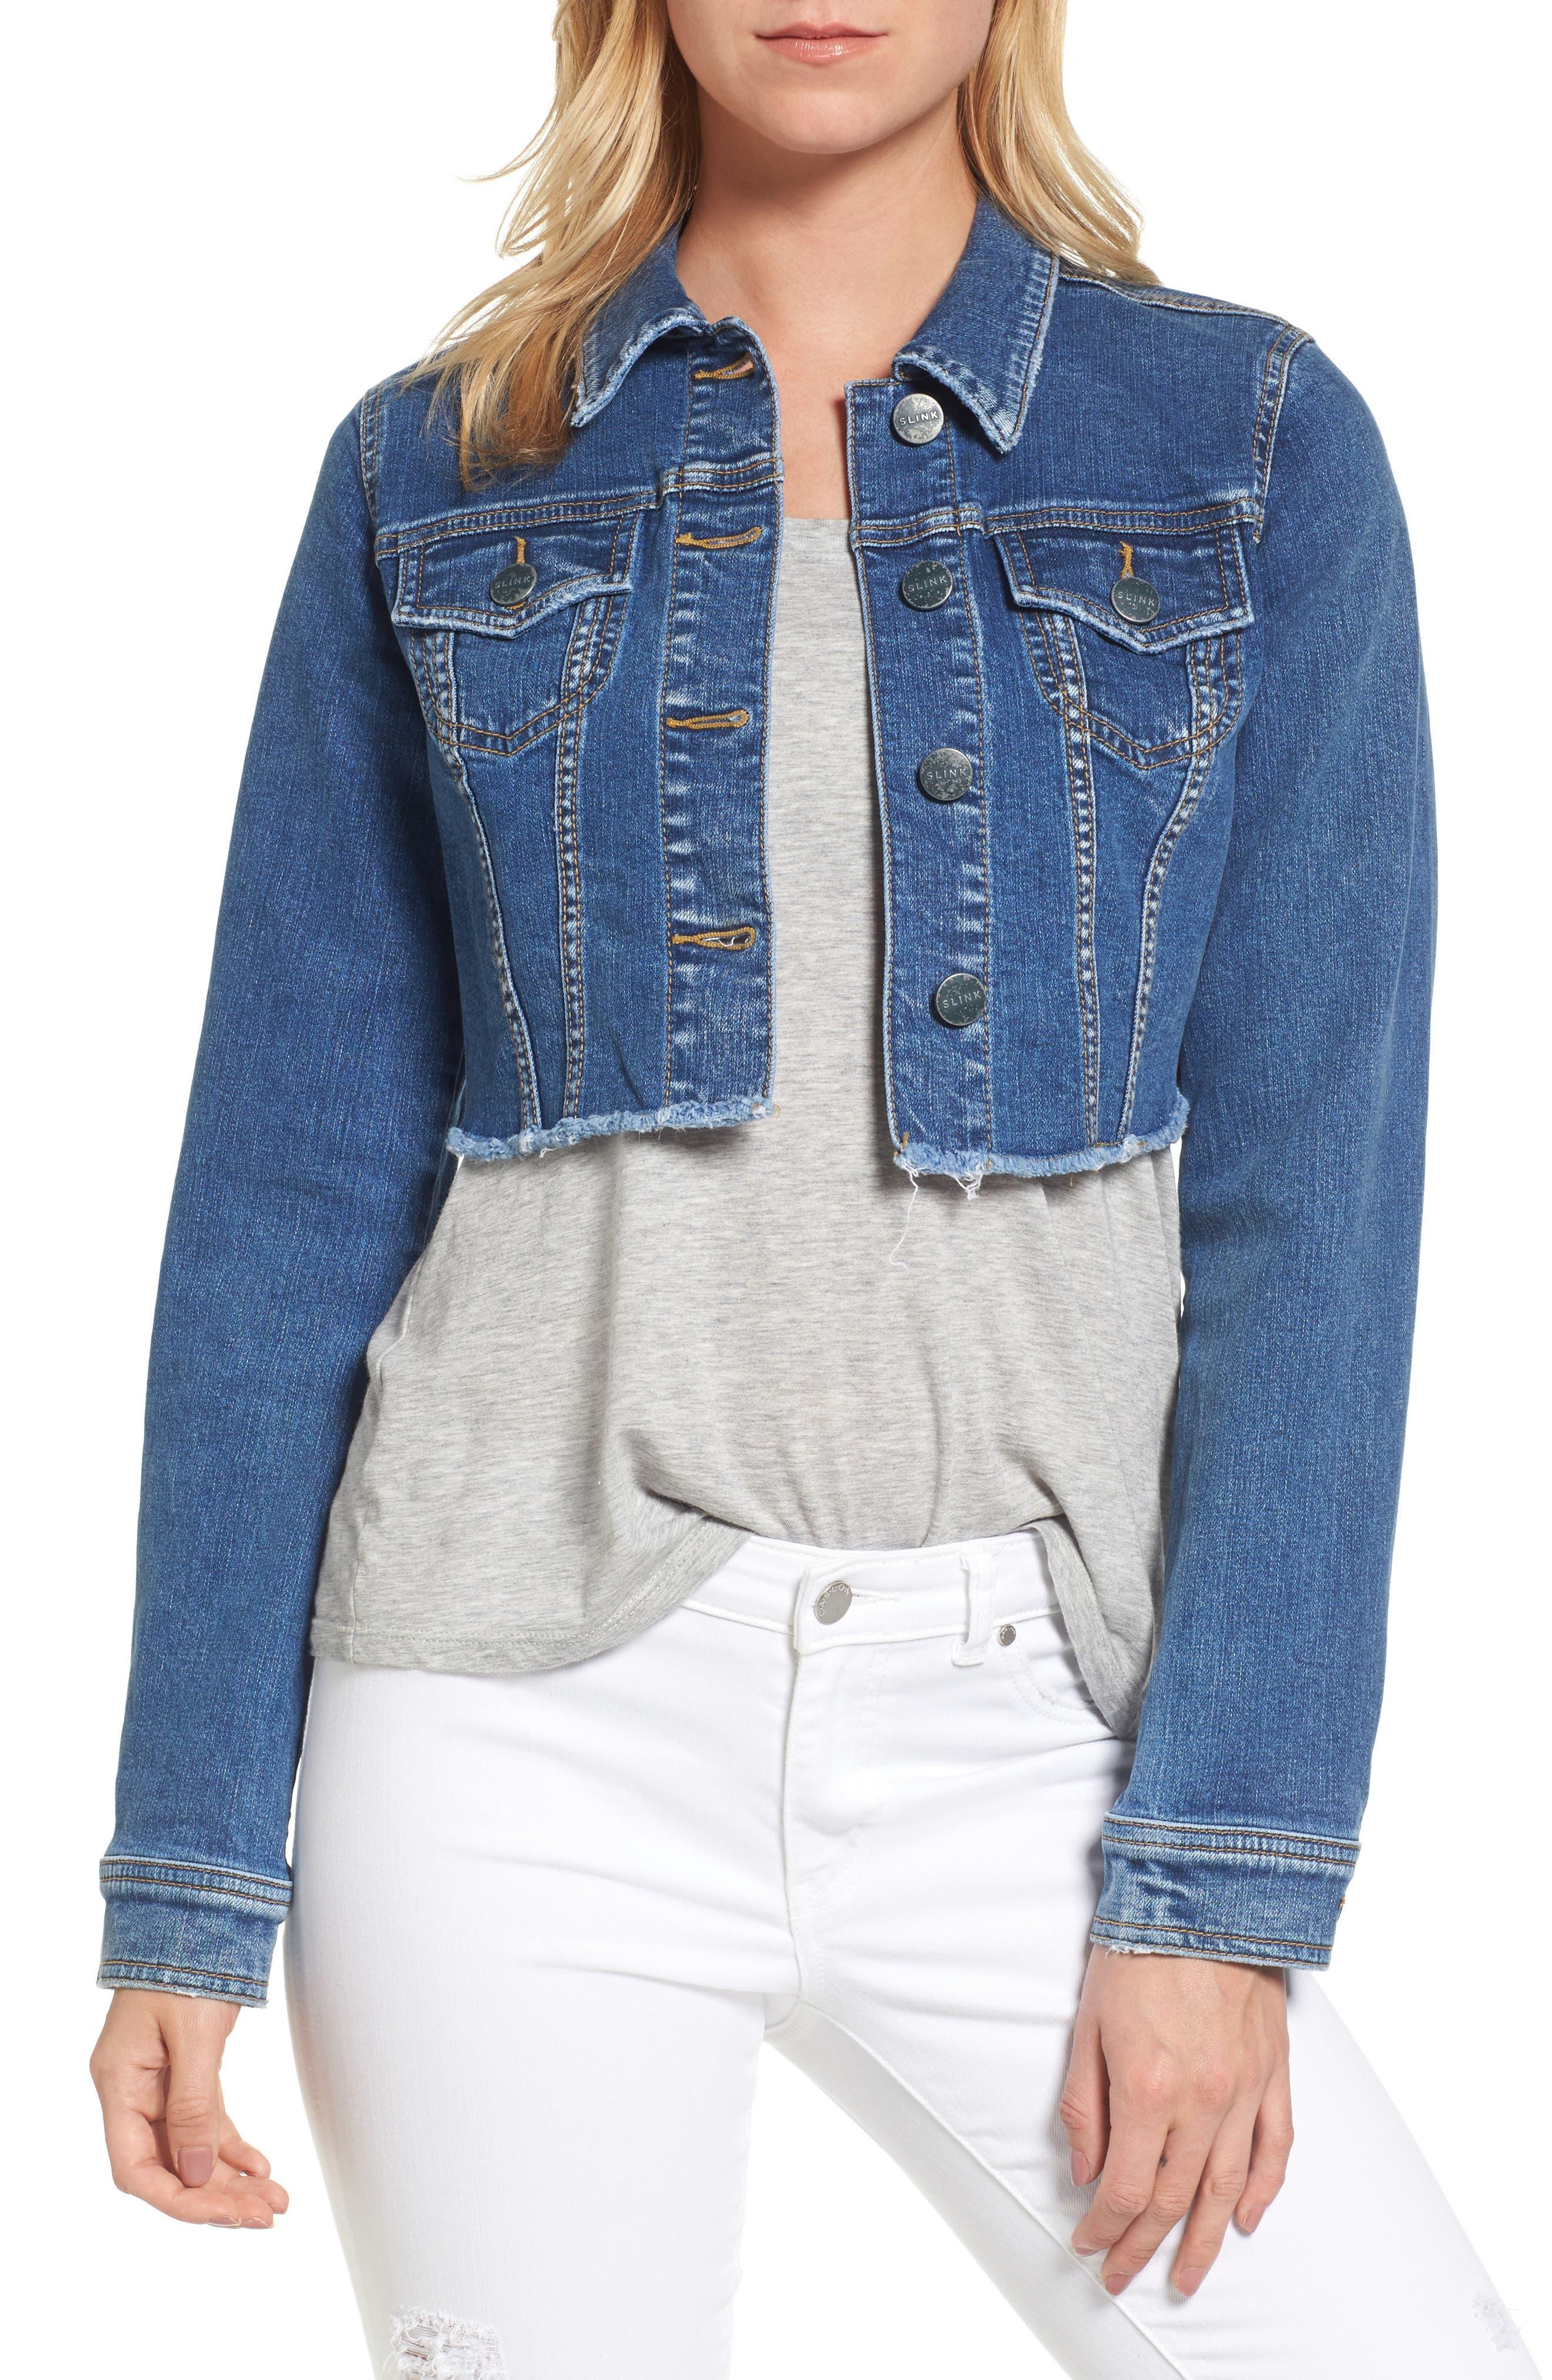 SLINK JEANS Fray Crop Jacket, Main, color, 495